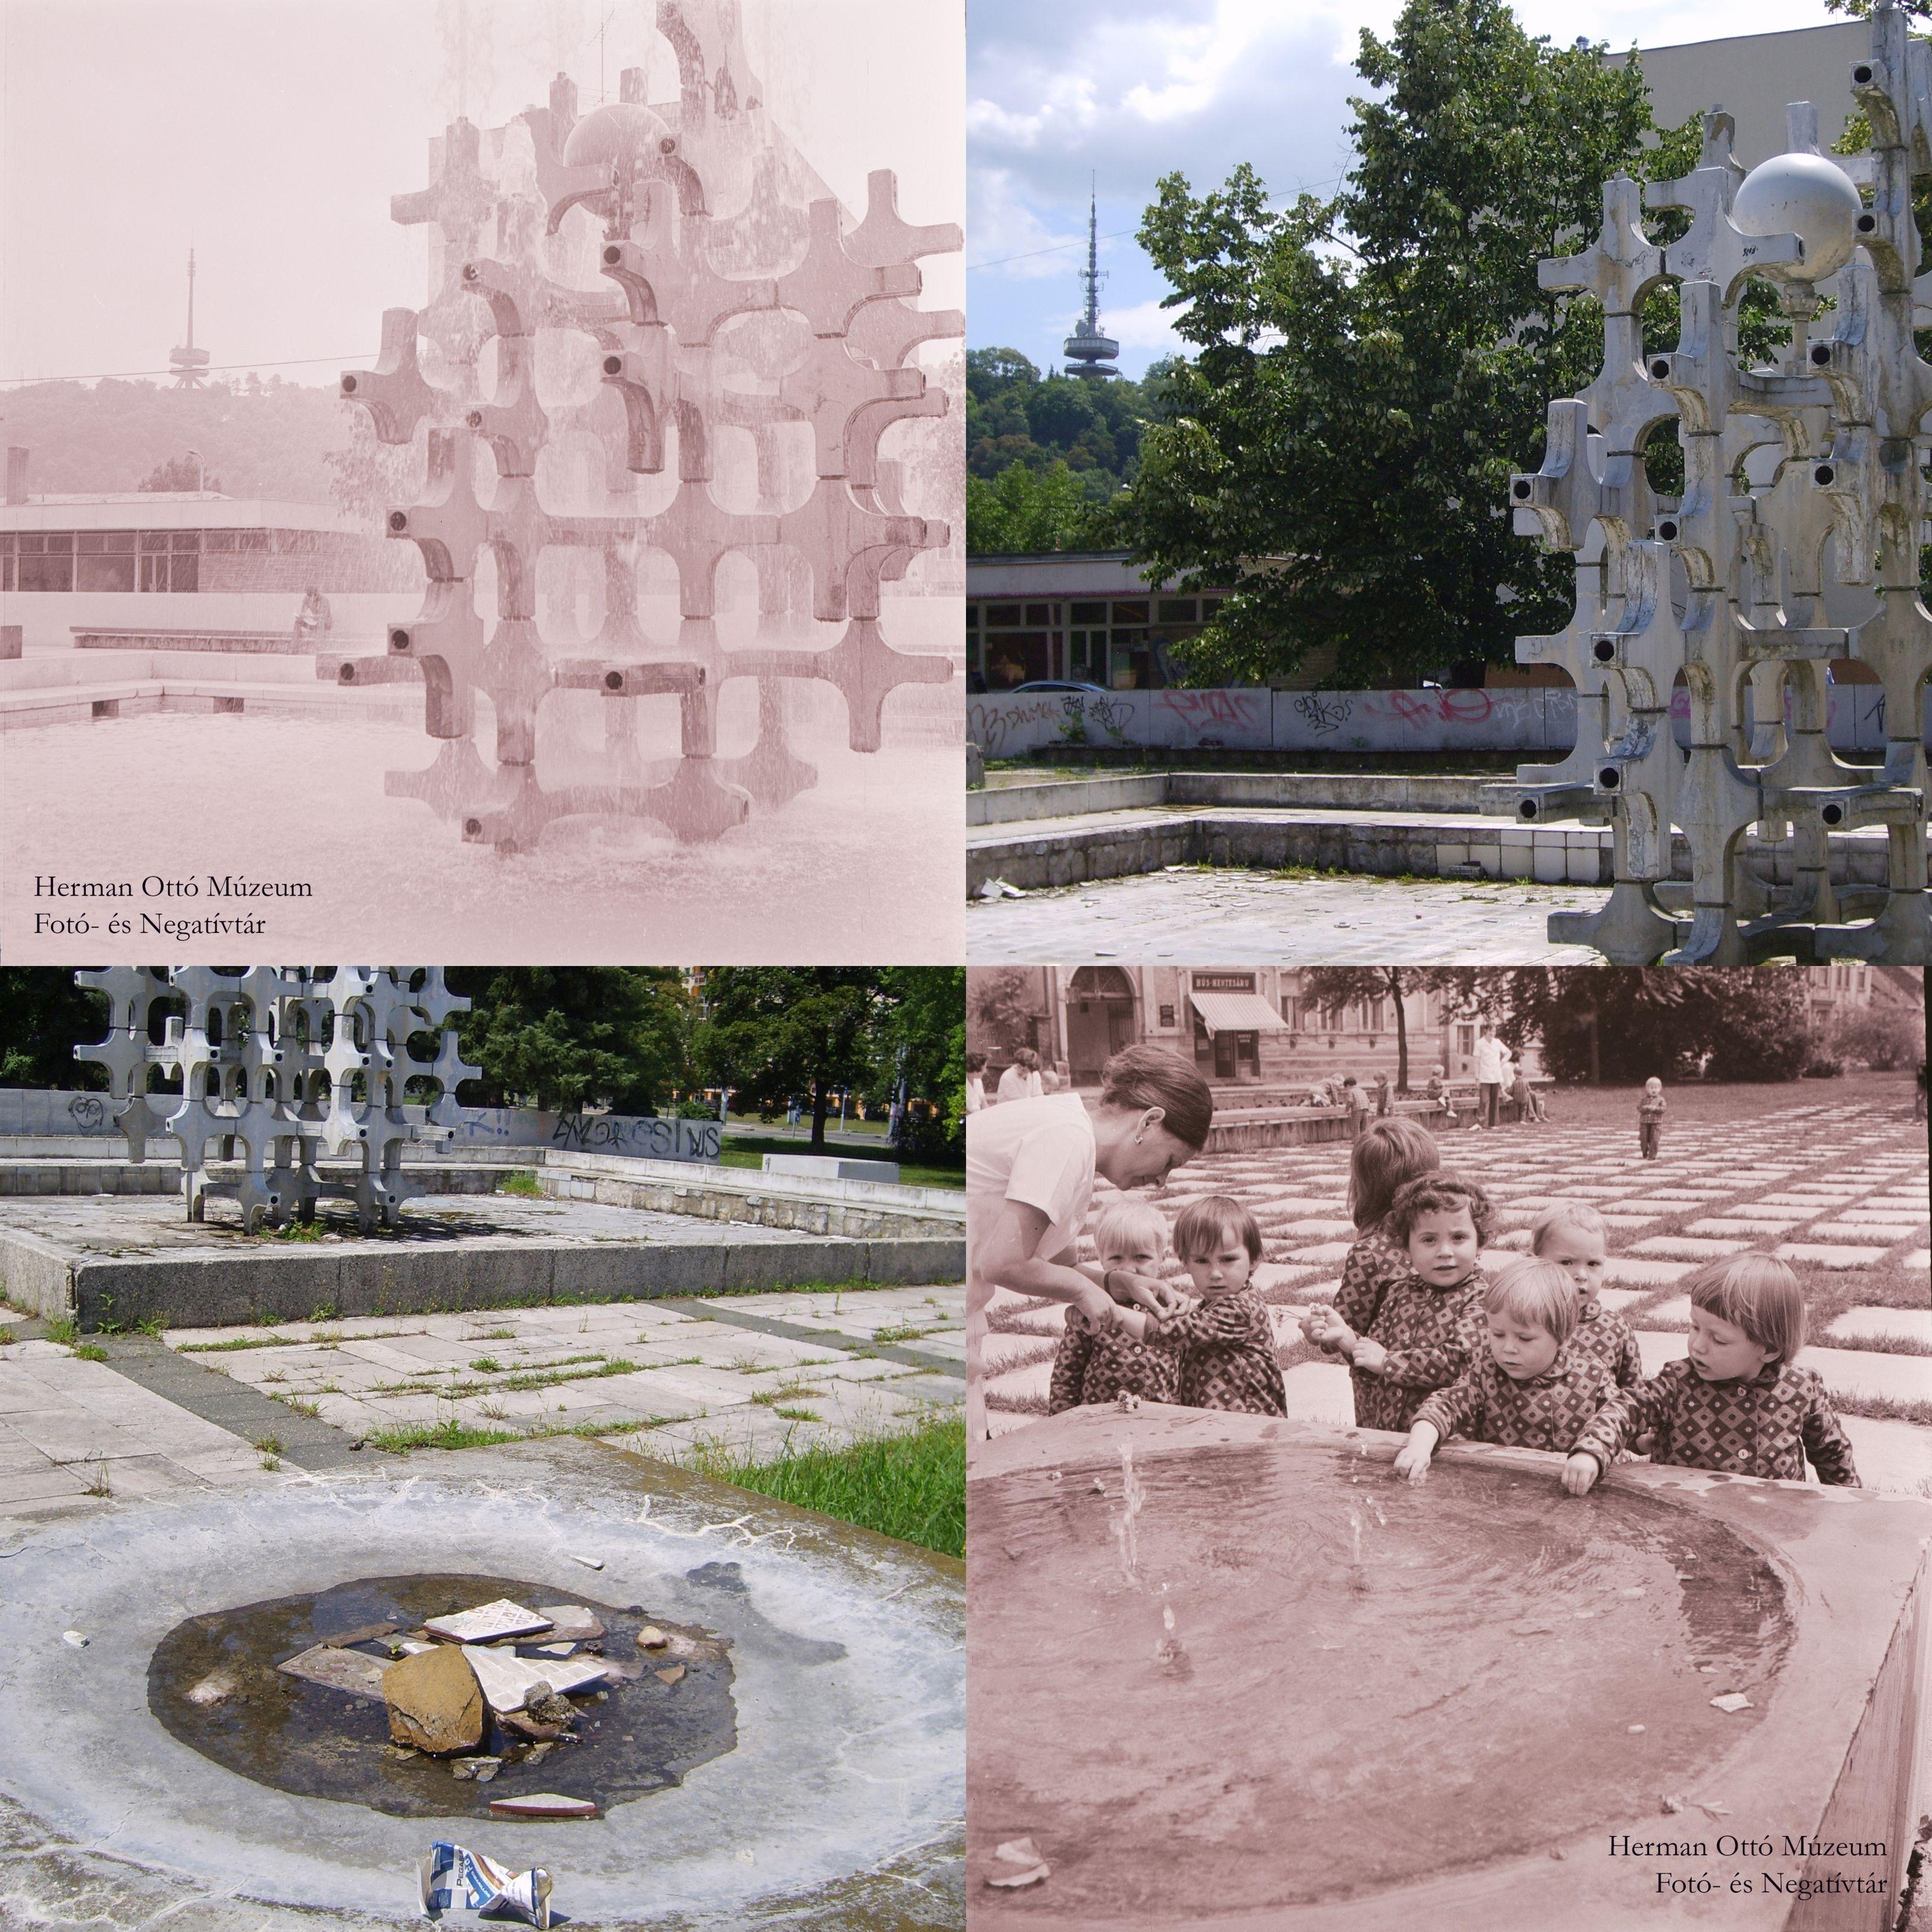 Az archív fotók forrása: Herman Ottó Múzeum Fotó- és Negatívtára. A<br />szökőkútnál. Laczó József, 1975. június 3. Leltári szám: HOM_FN_70418 és<br />HOM_FN_70414